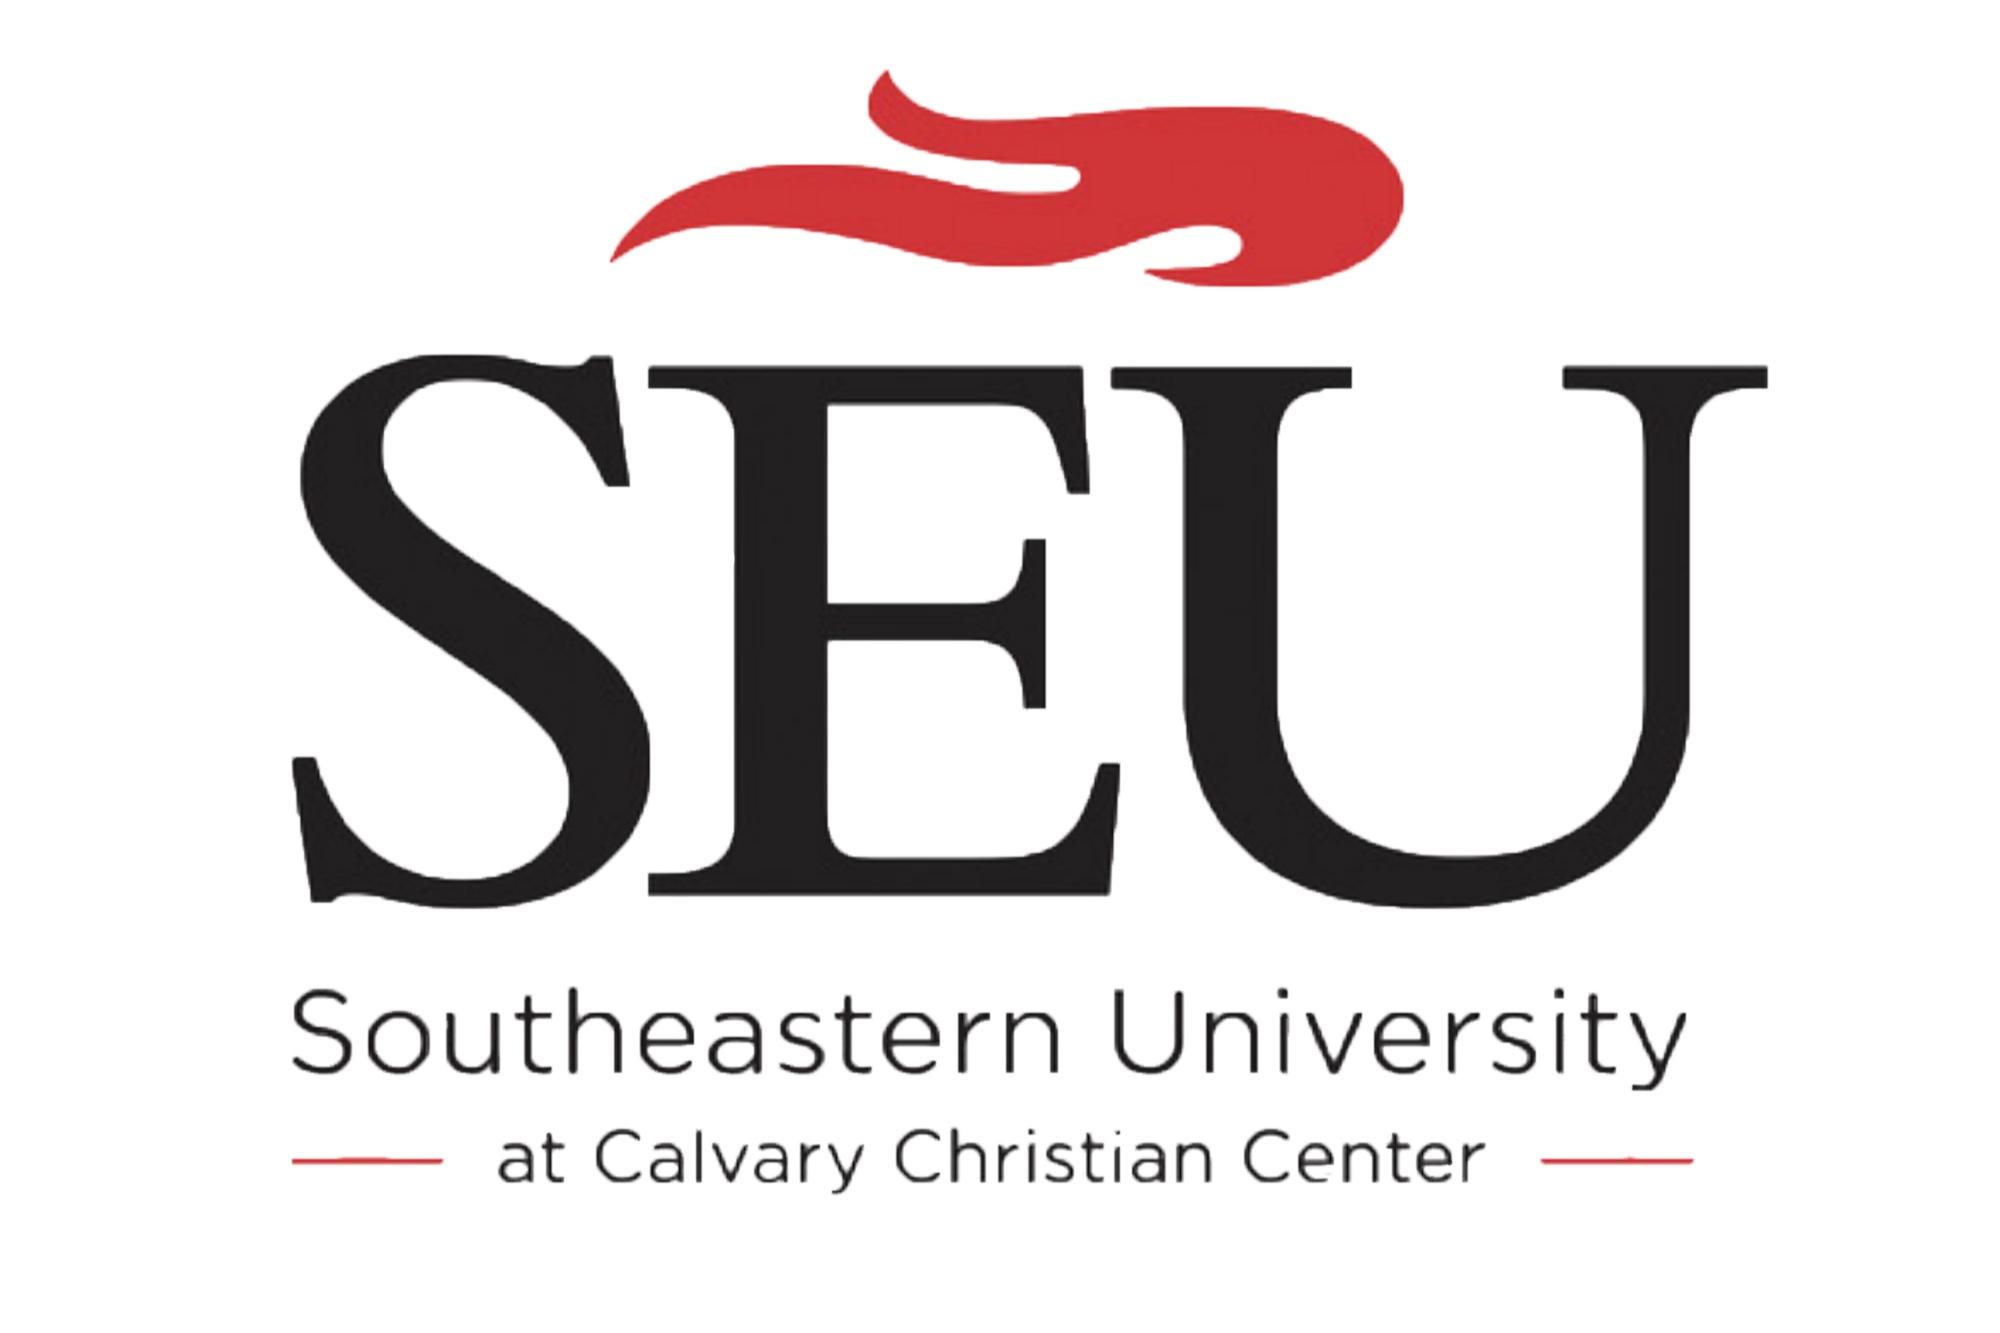 SEU at Calvary Christian Center